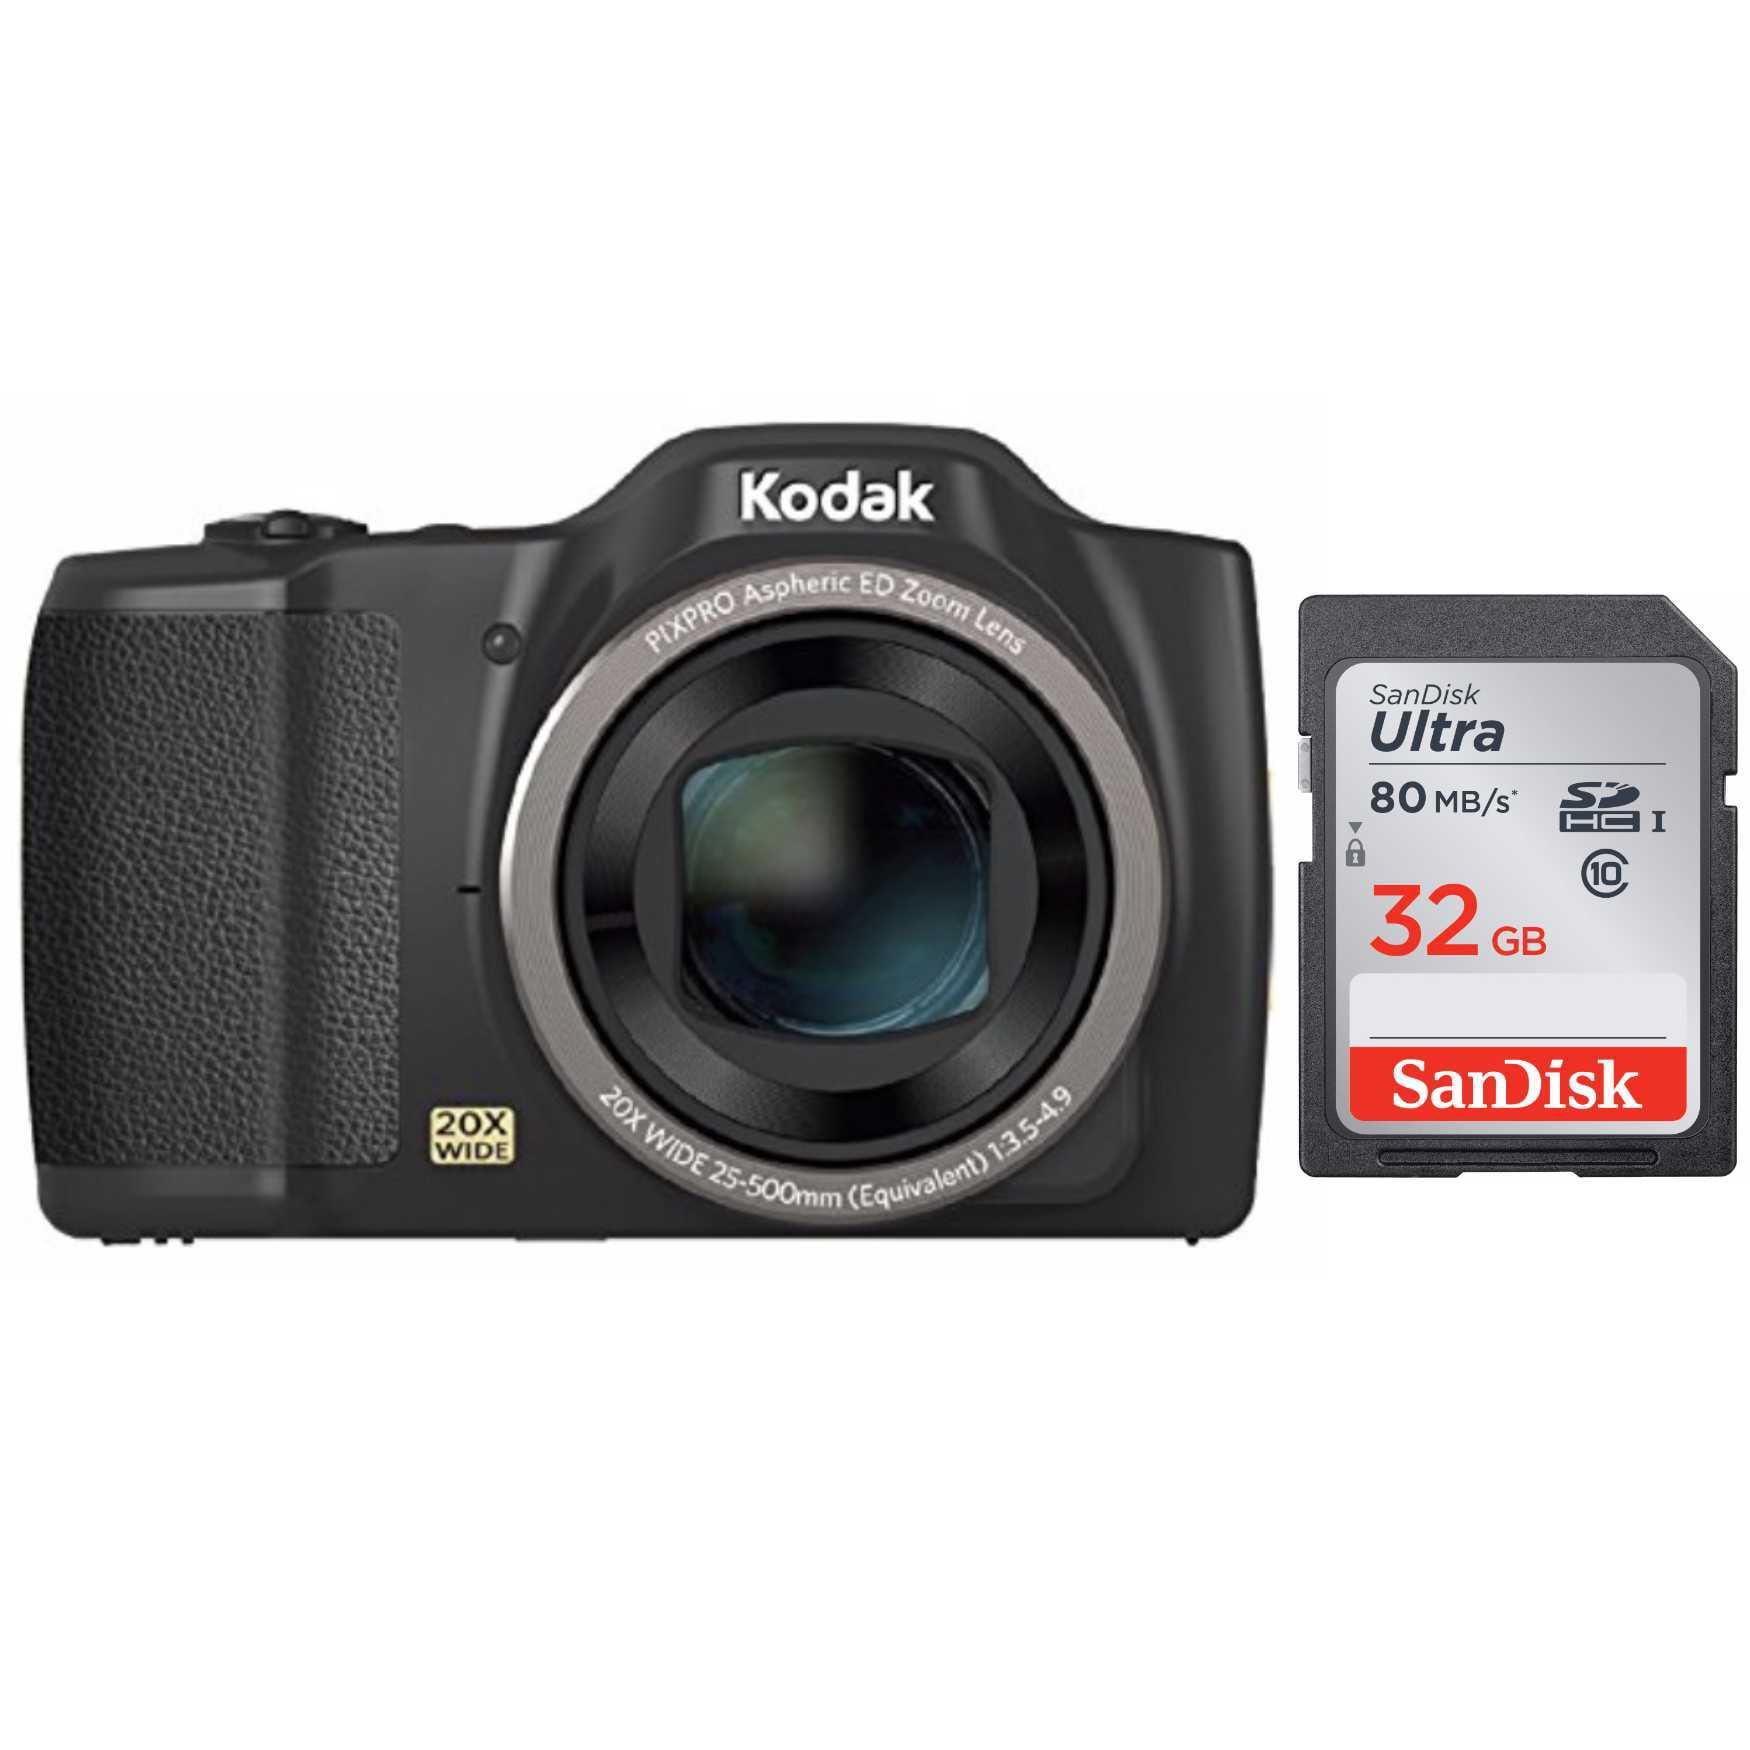 Kodak PIXPRO FZ201 Friendly Zoom 16MP Digital Camera (Black) + SanDisk Ultra 32GB 80MB s SD Card by Kodak